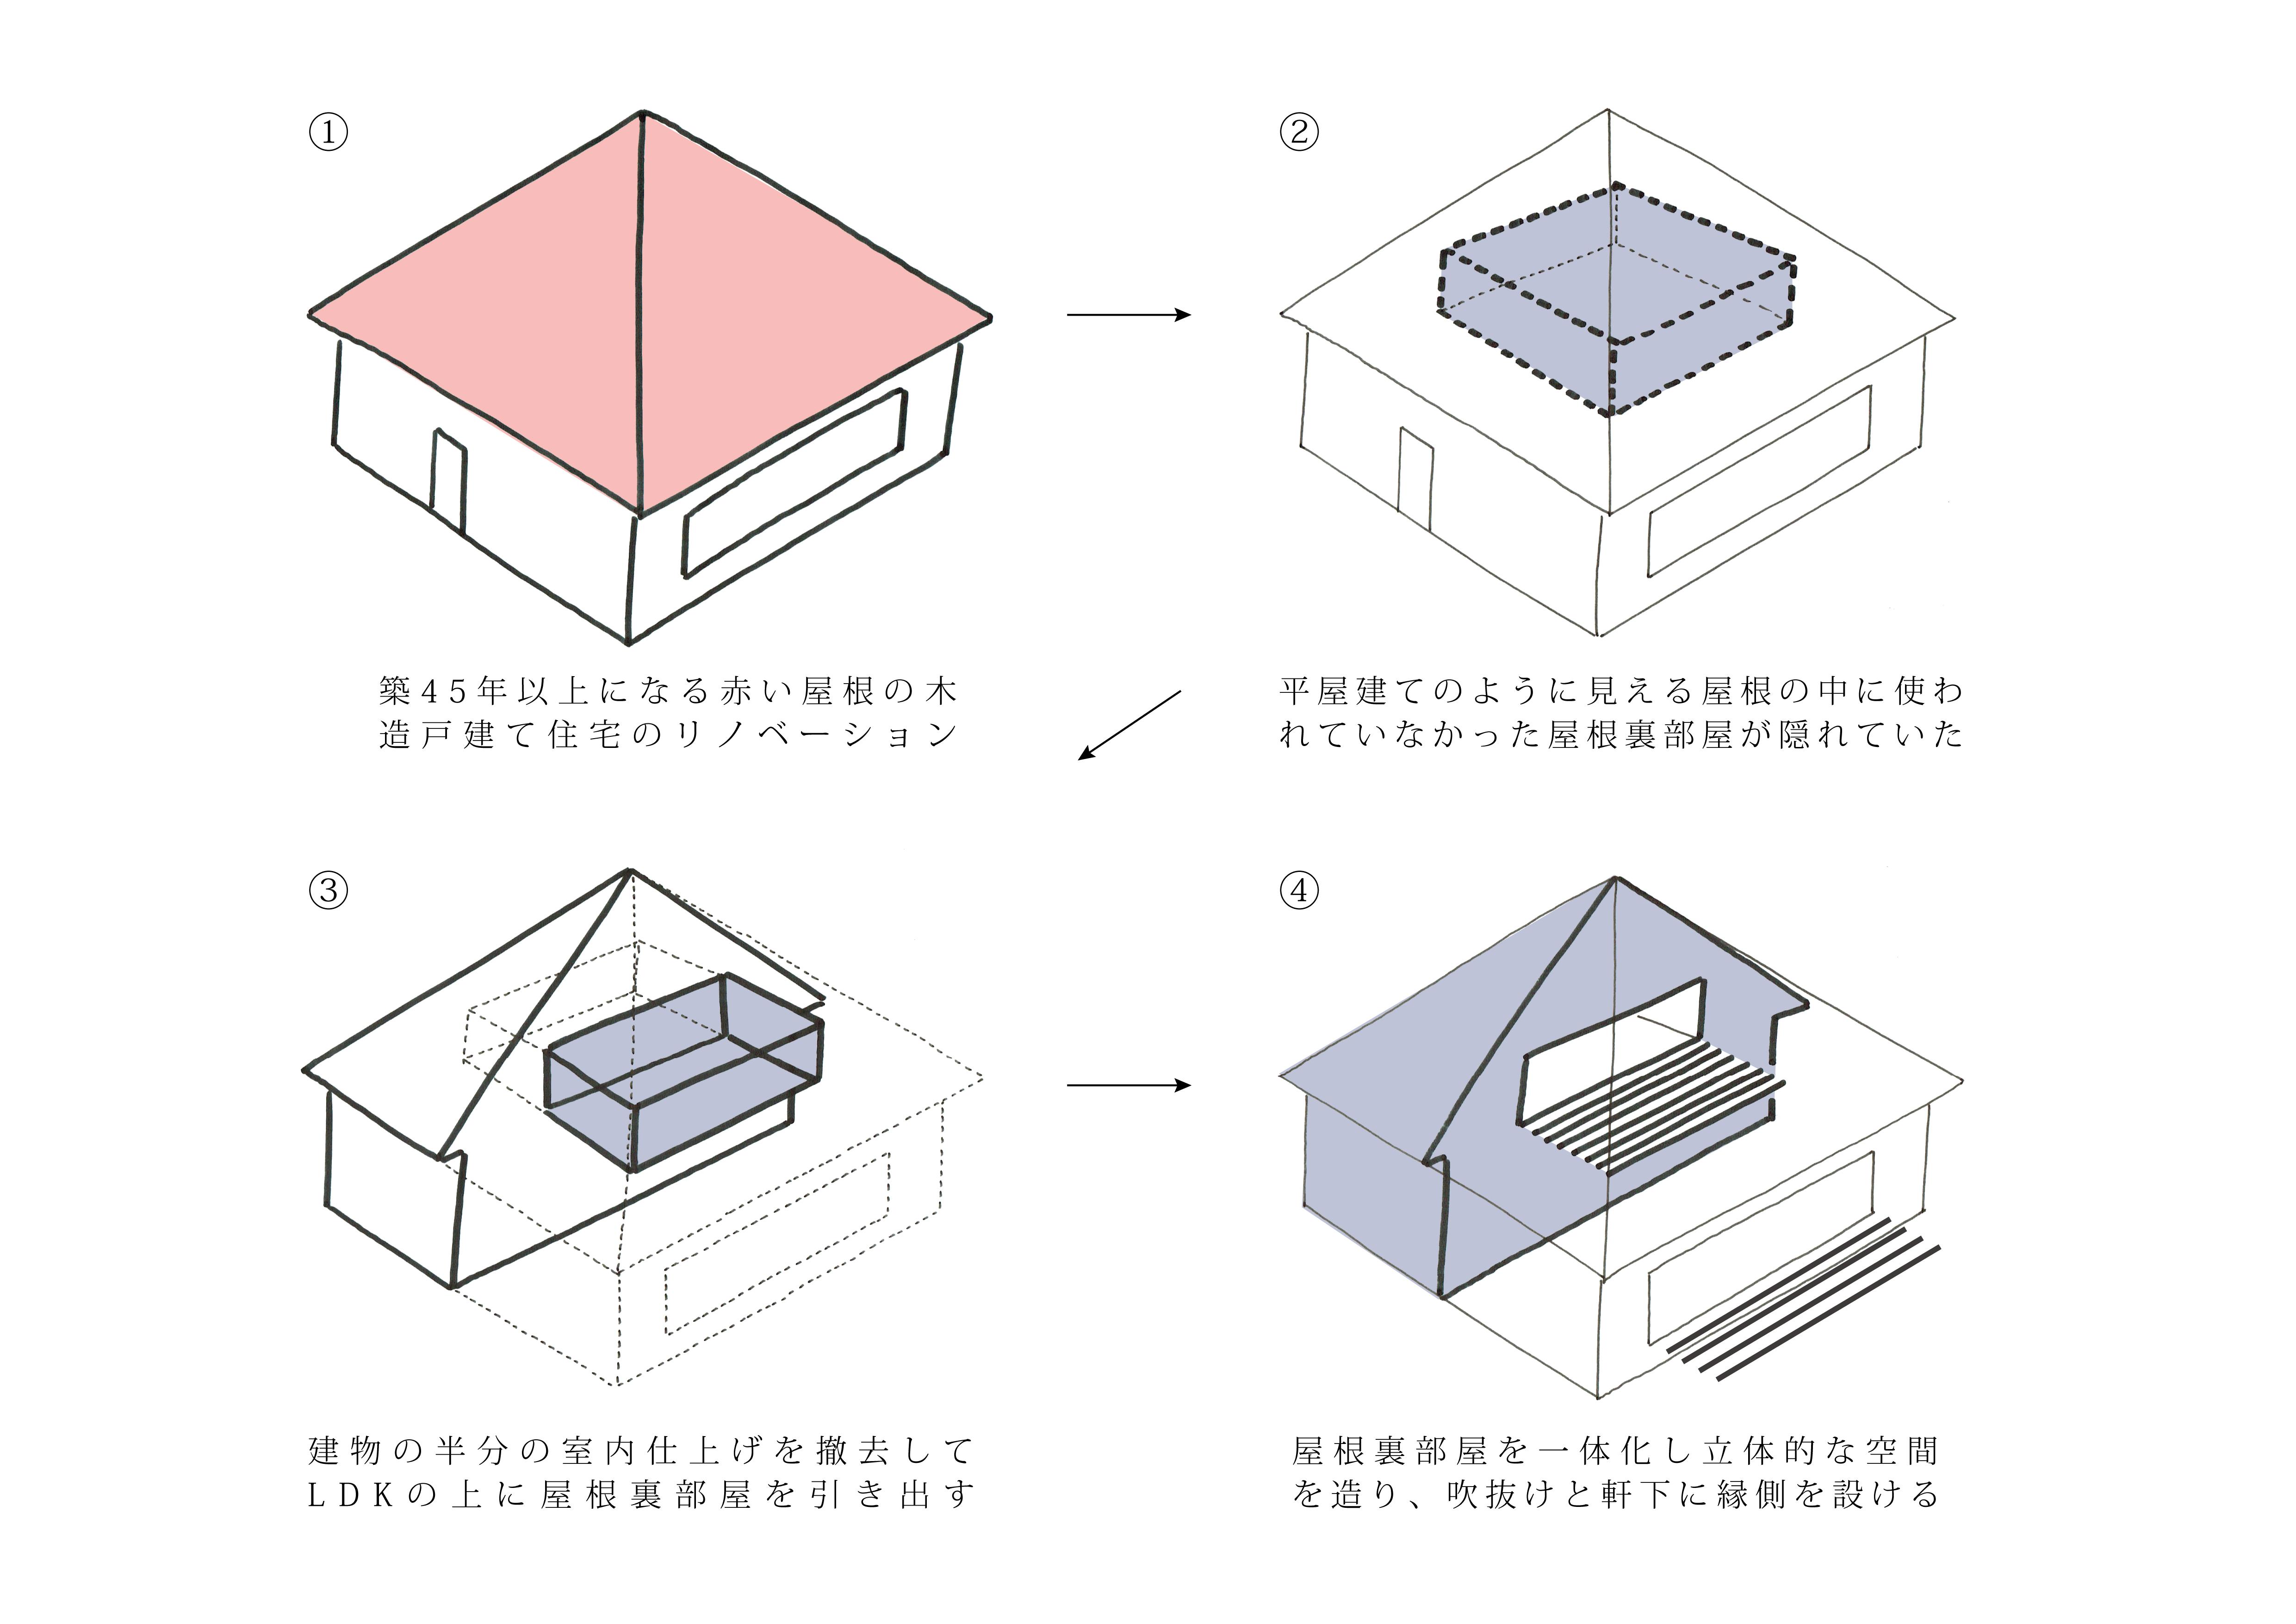 二重縁側の家概念図